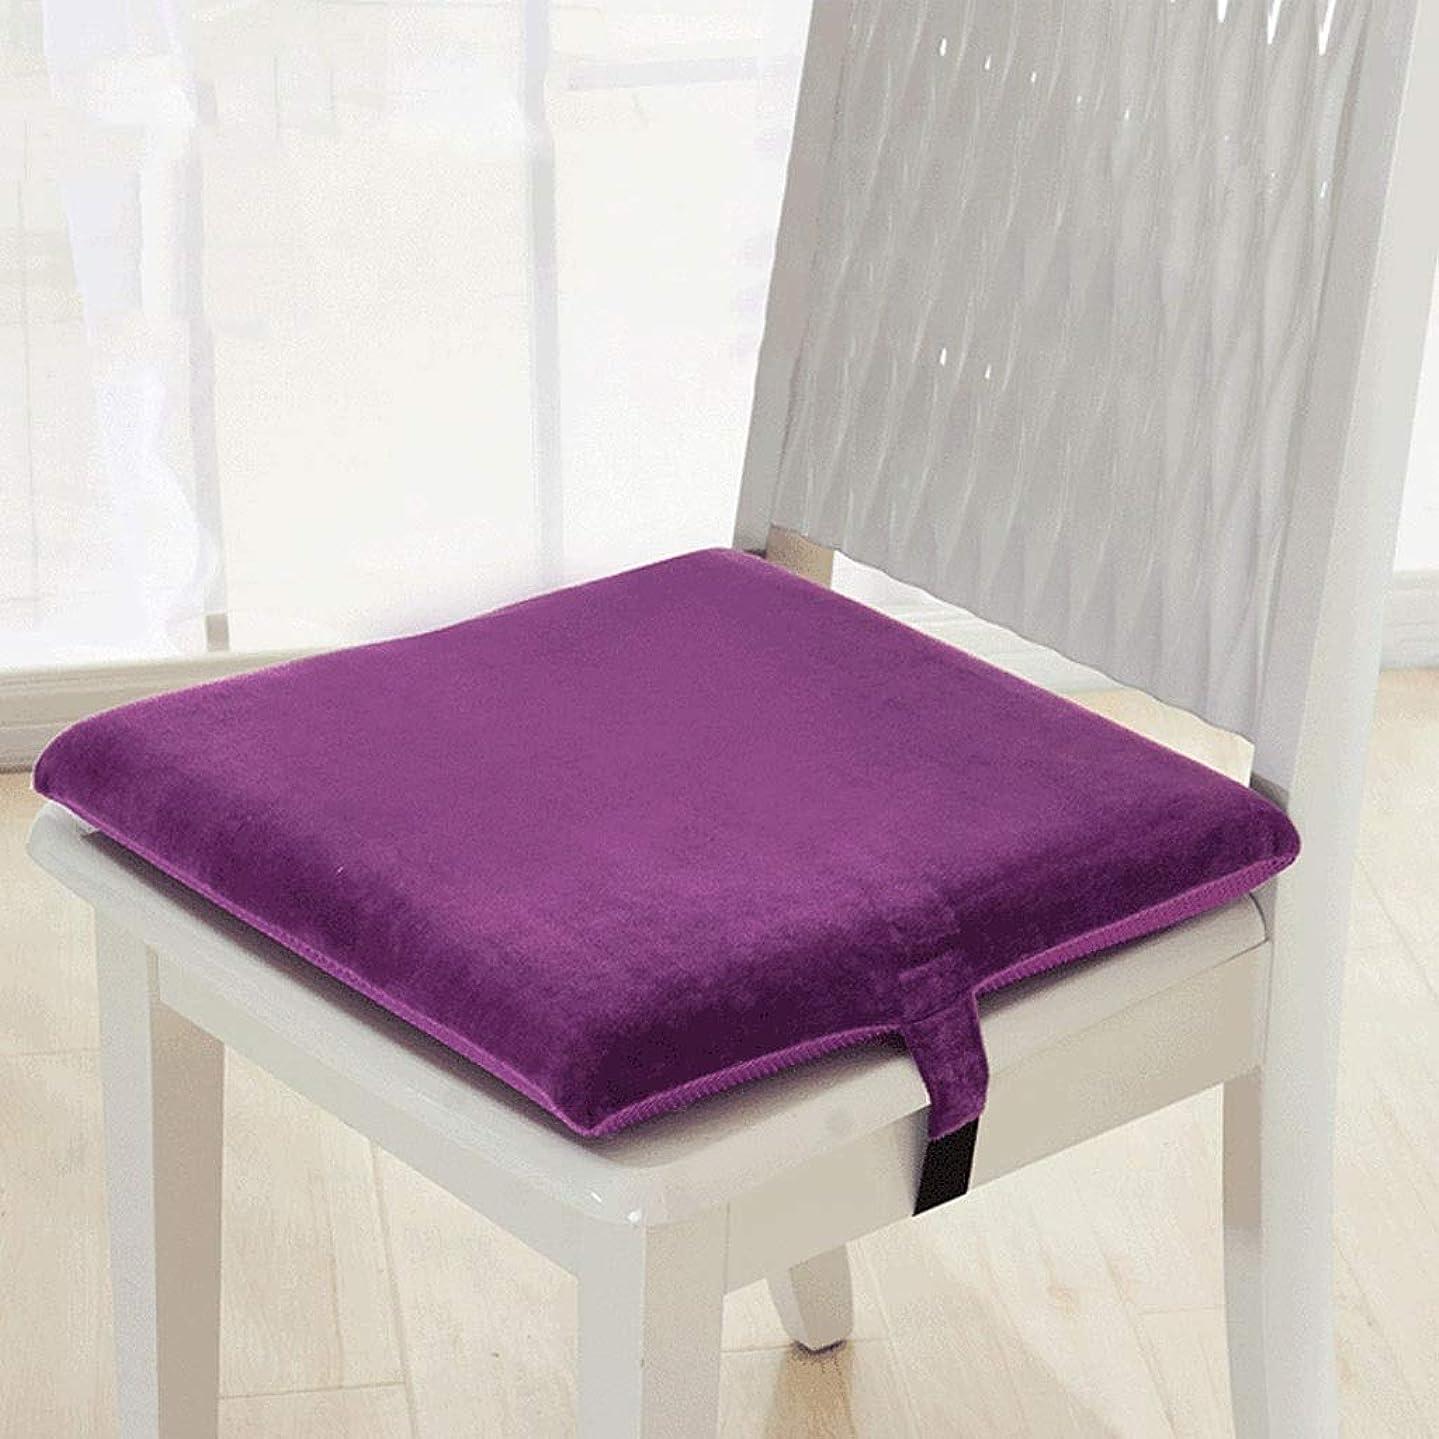 爆弾世界記録のギネスブックルーフパッド入りの椅子パッド/オフィスのシートパッド/滑り止めの椅子のクッション、メモリ綿、抗菌|通気性、庭|キッチン|リビングルーム (色 : Purple, Size : 45x45cm)